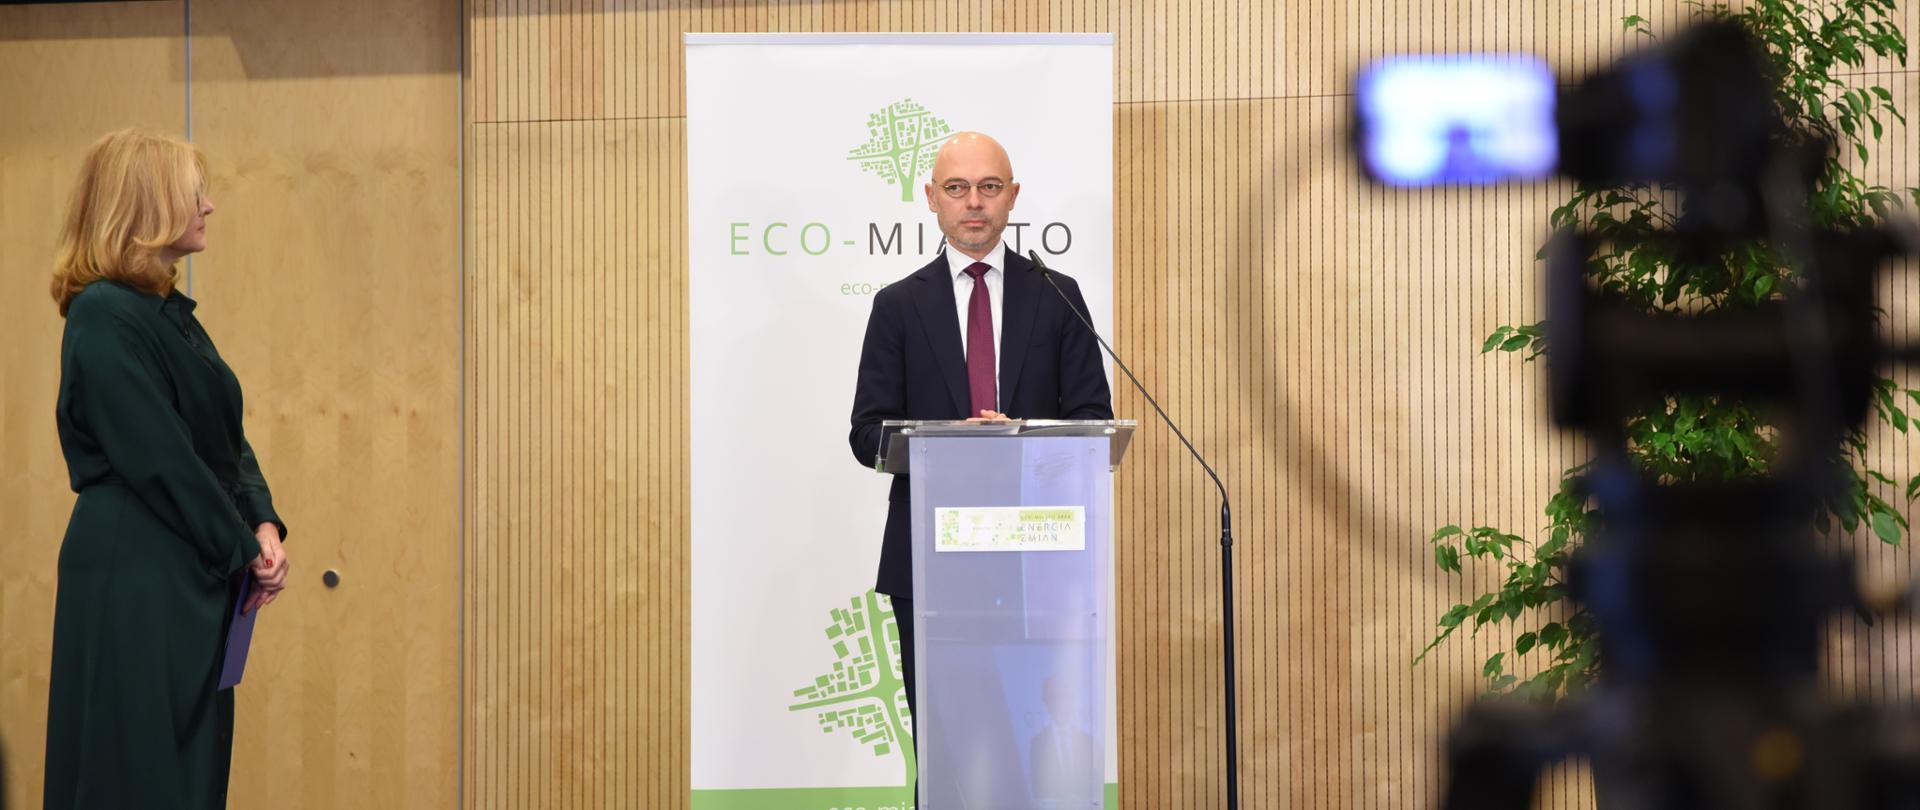 Minister klimatu Michał Kurtyka na konferencji Eco-Miasto